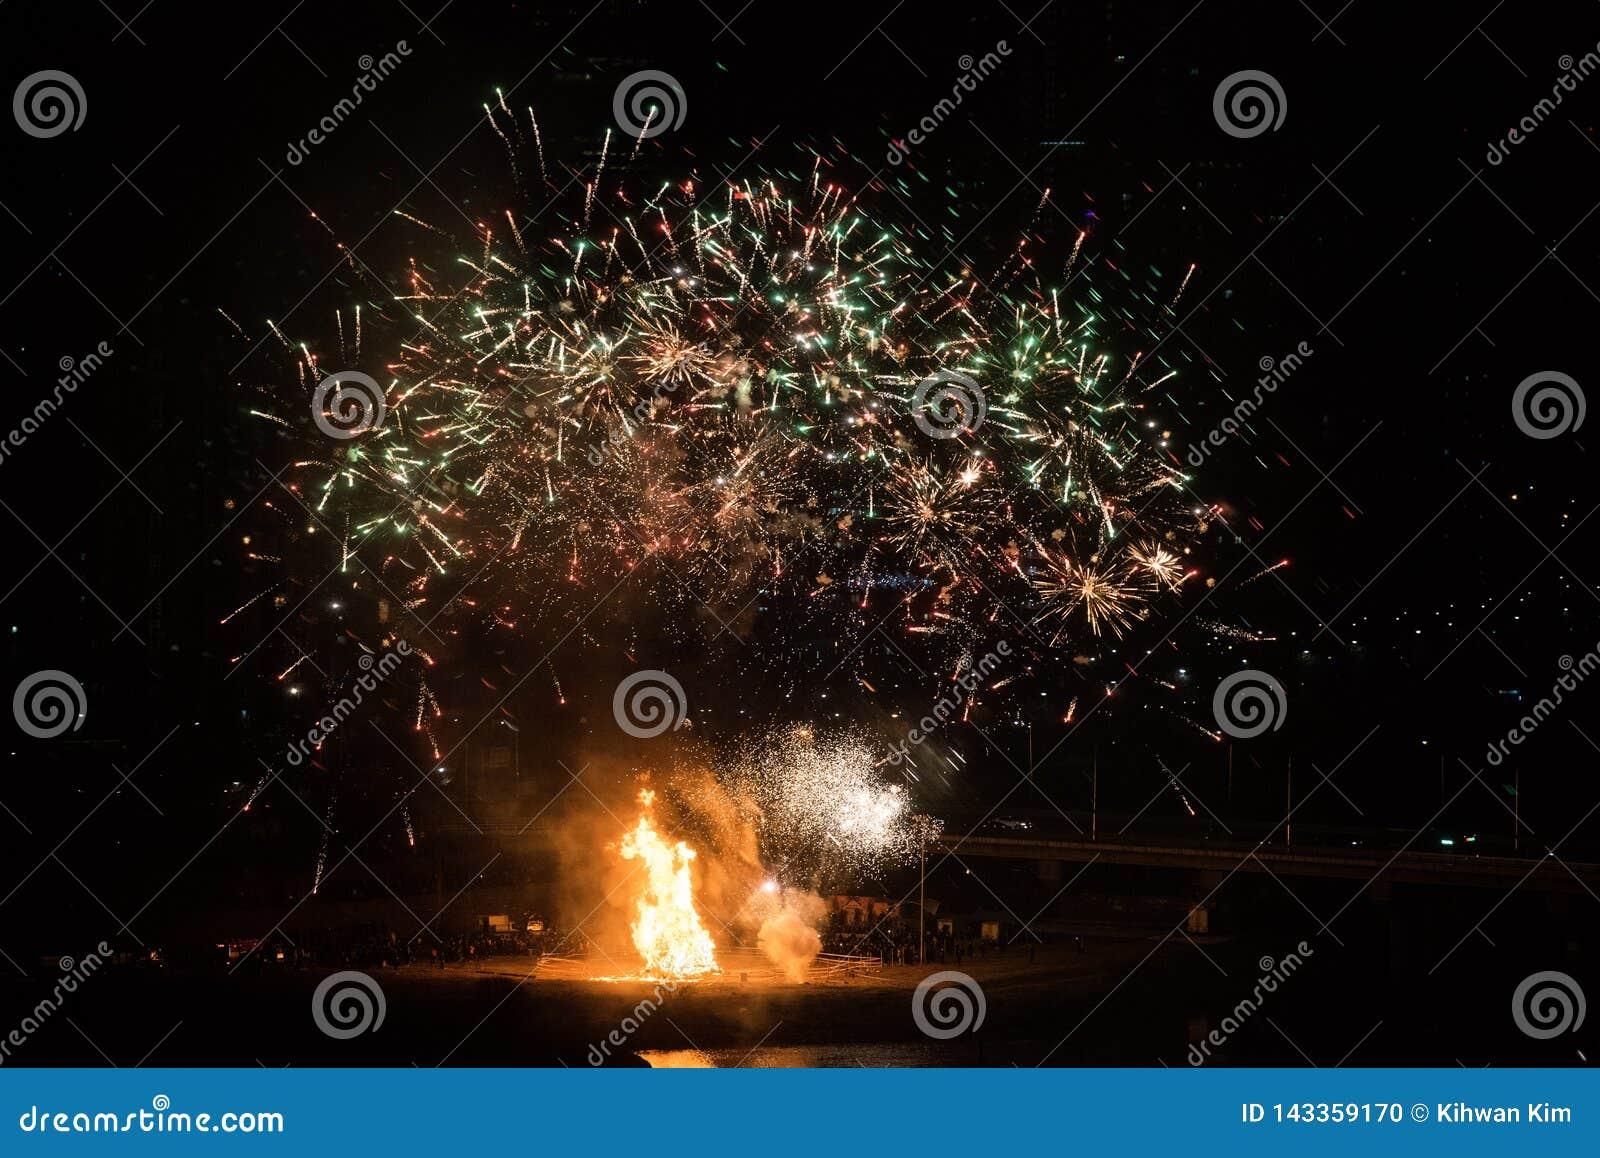 Φωτιά και πυροτεχνήματα για τον εορτασμό της πρώτης πανσελήνου του 2019